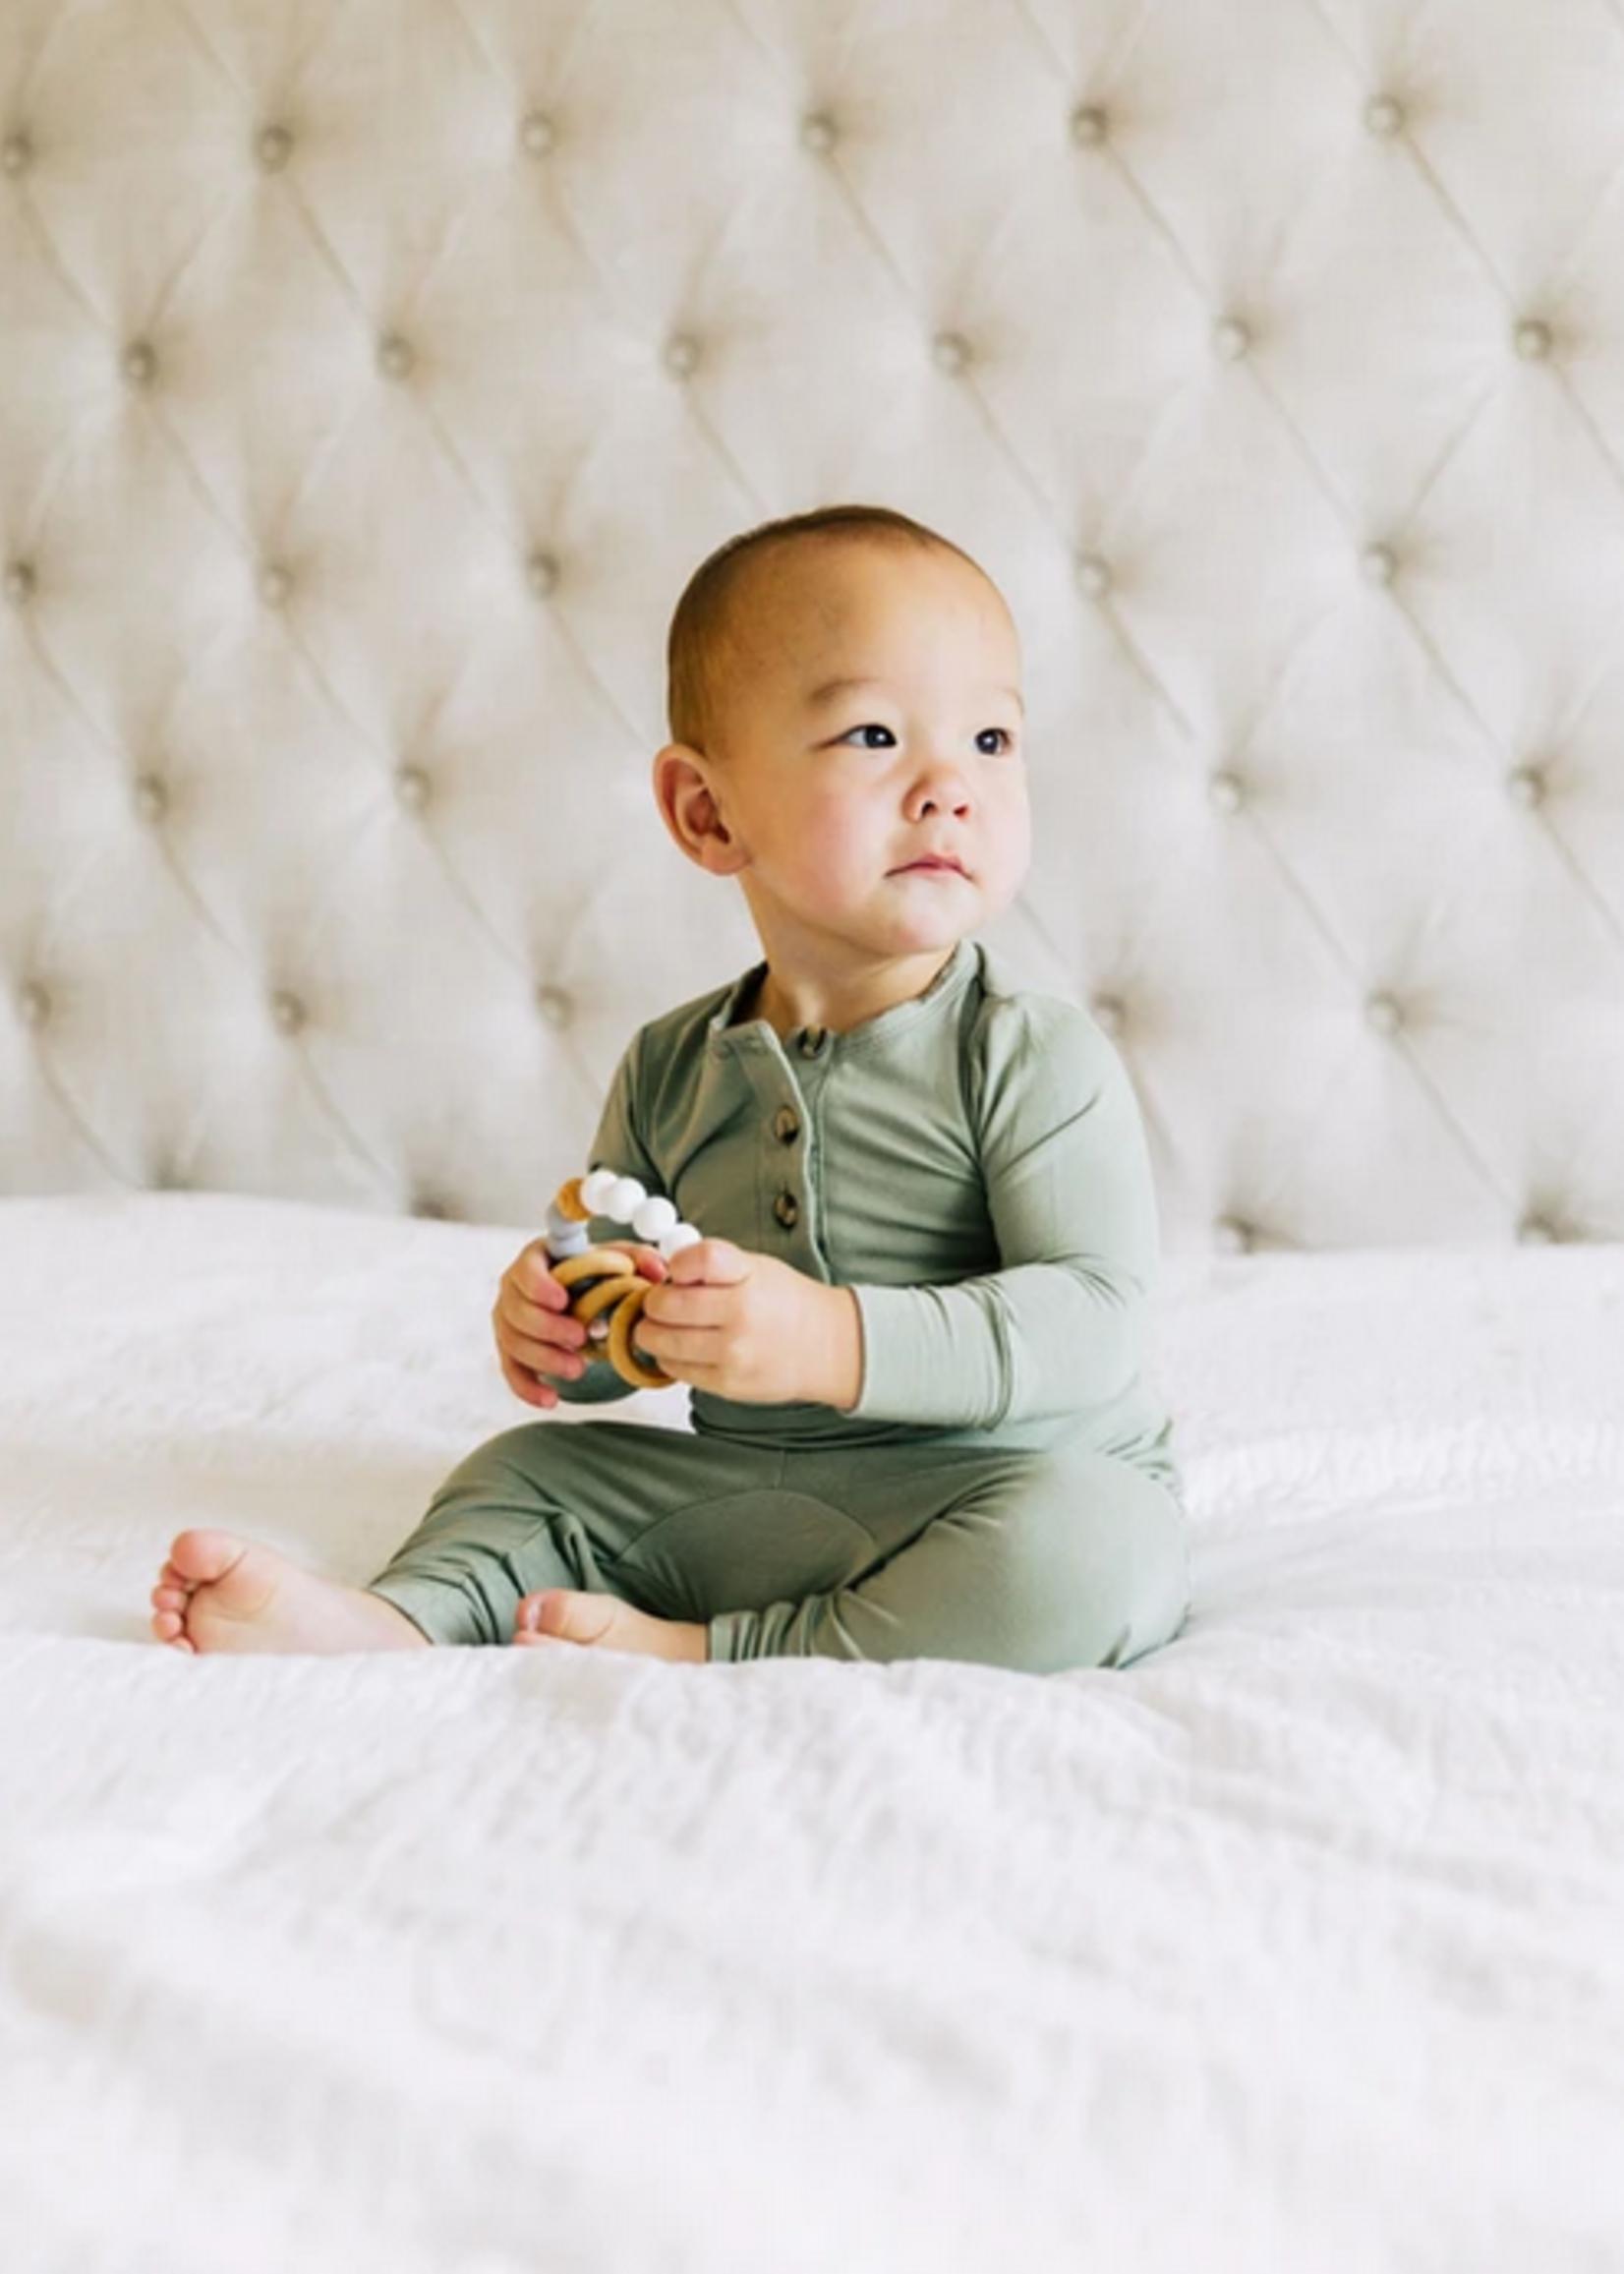 Elitaire Petite Marley Sage Set Newborn - 3 Months